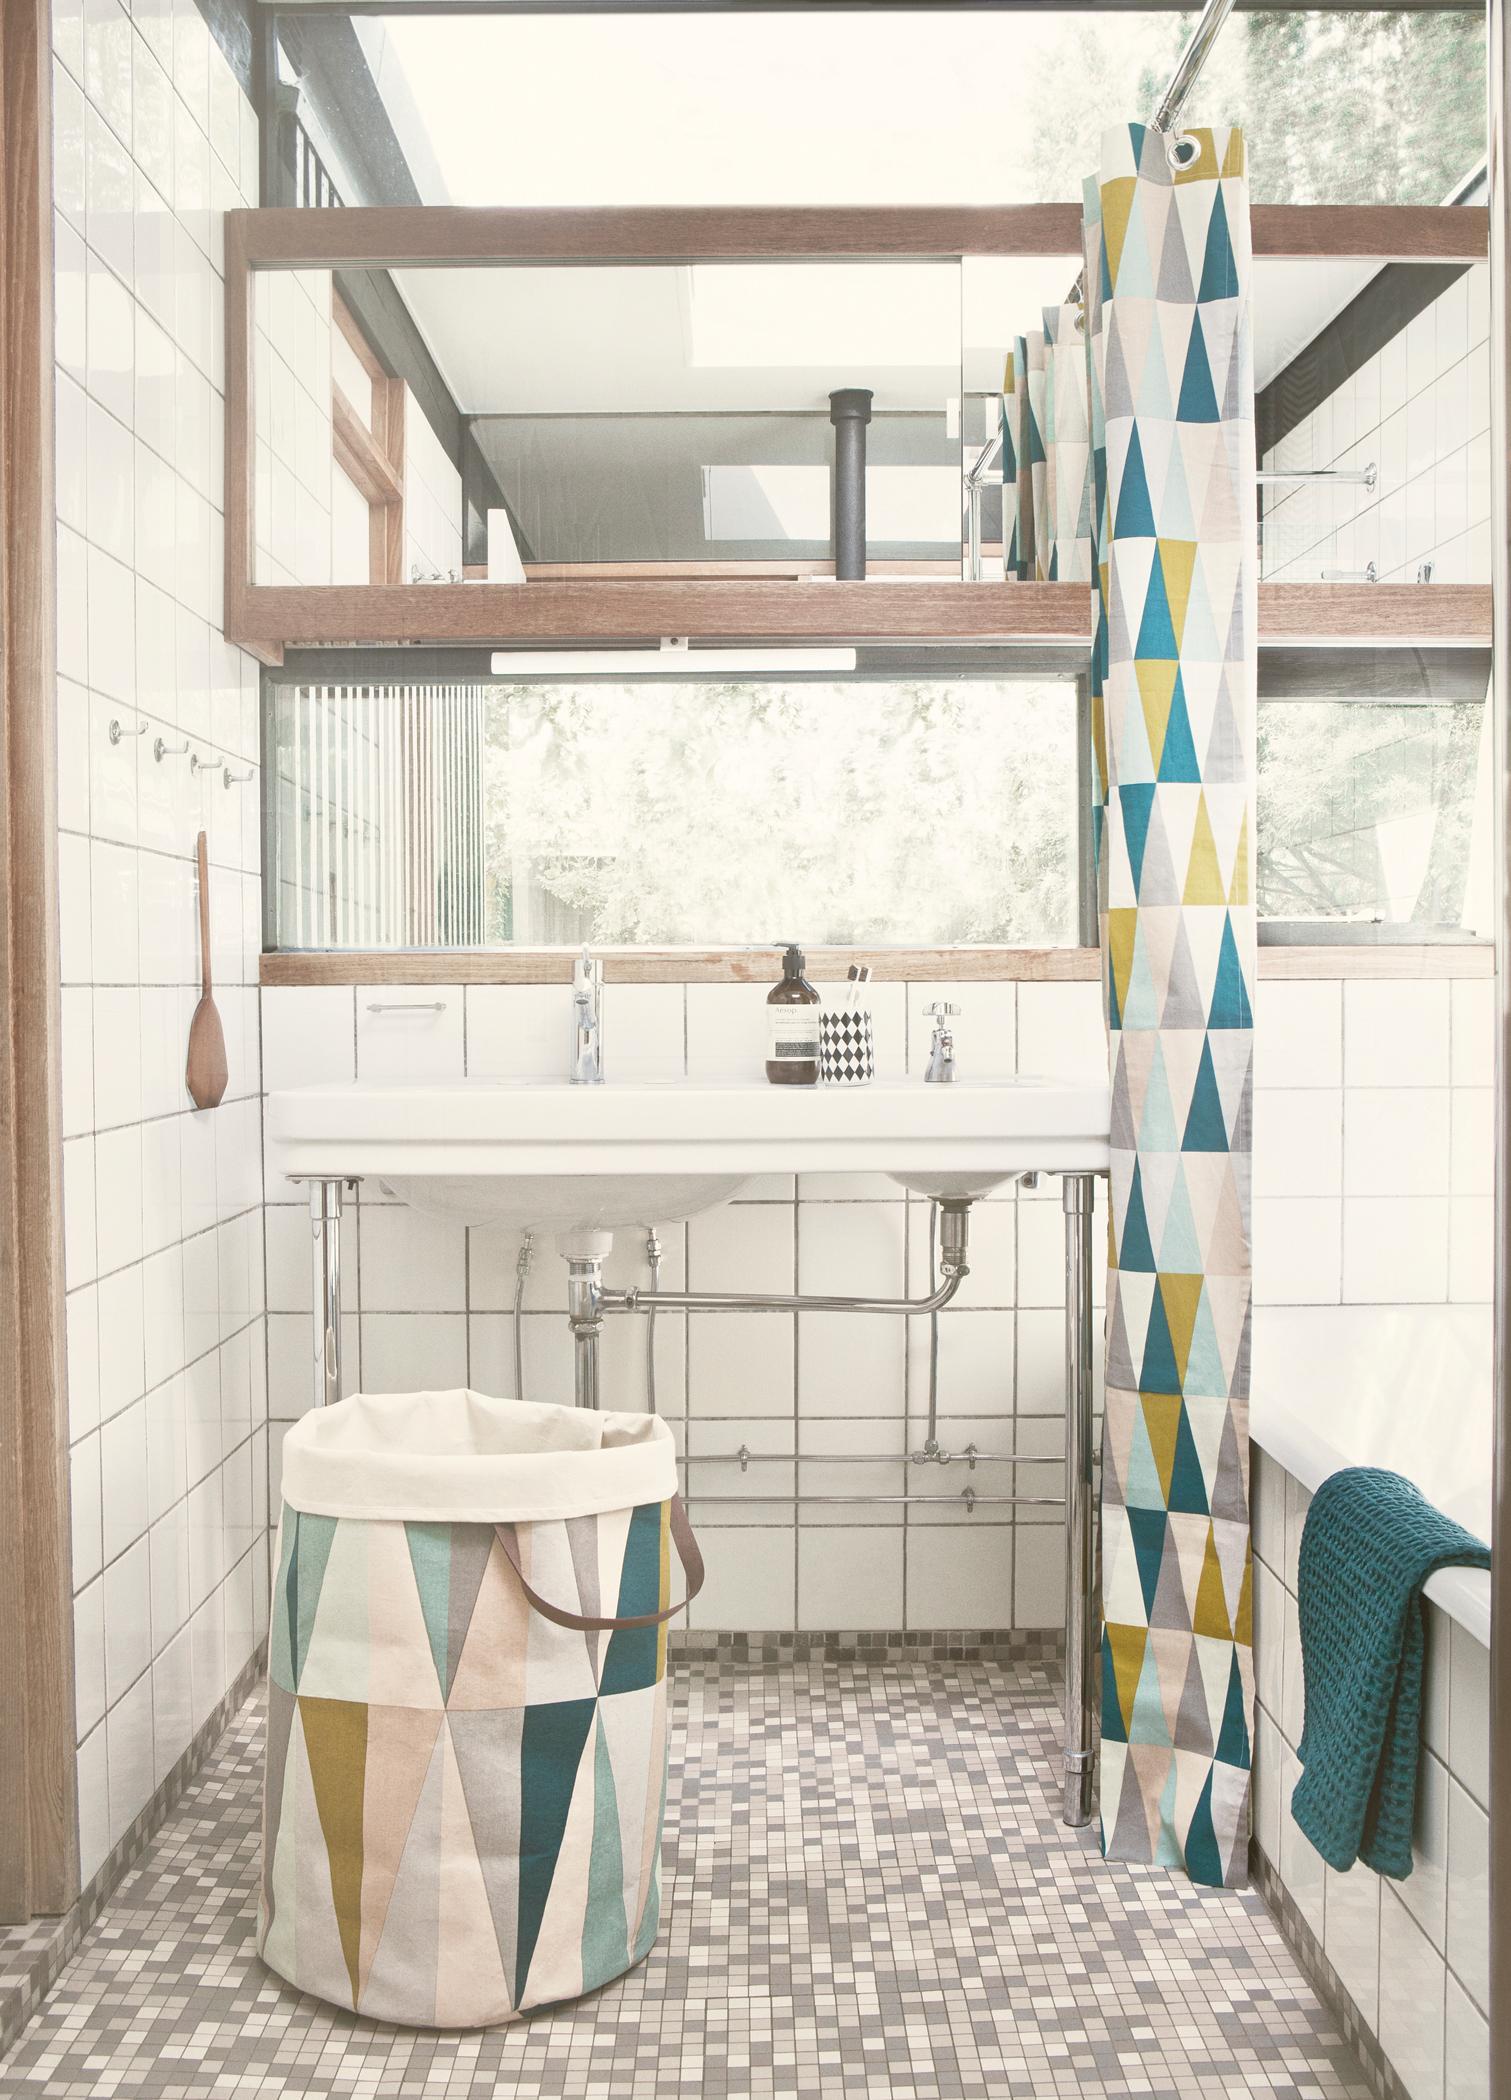 Mosaikfliesen • Bilder & Ideen • COUCHstyle